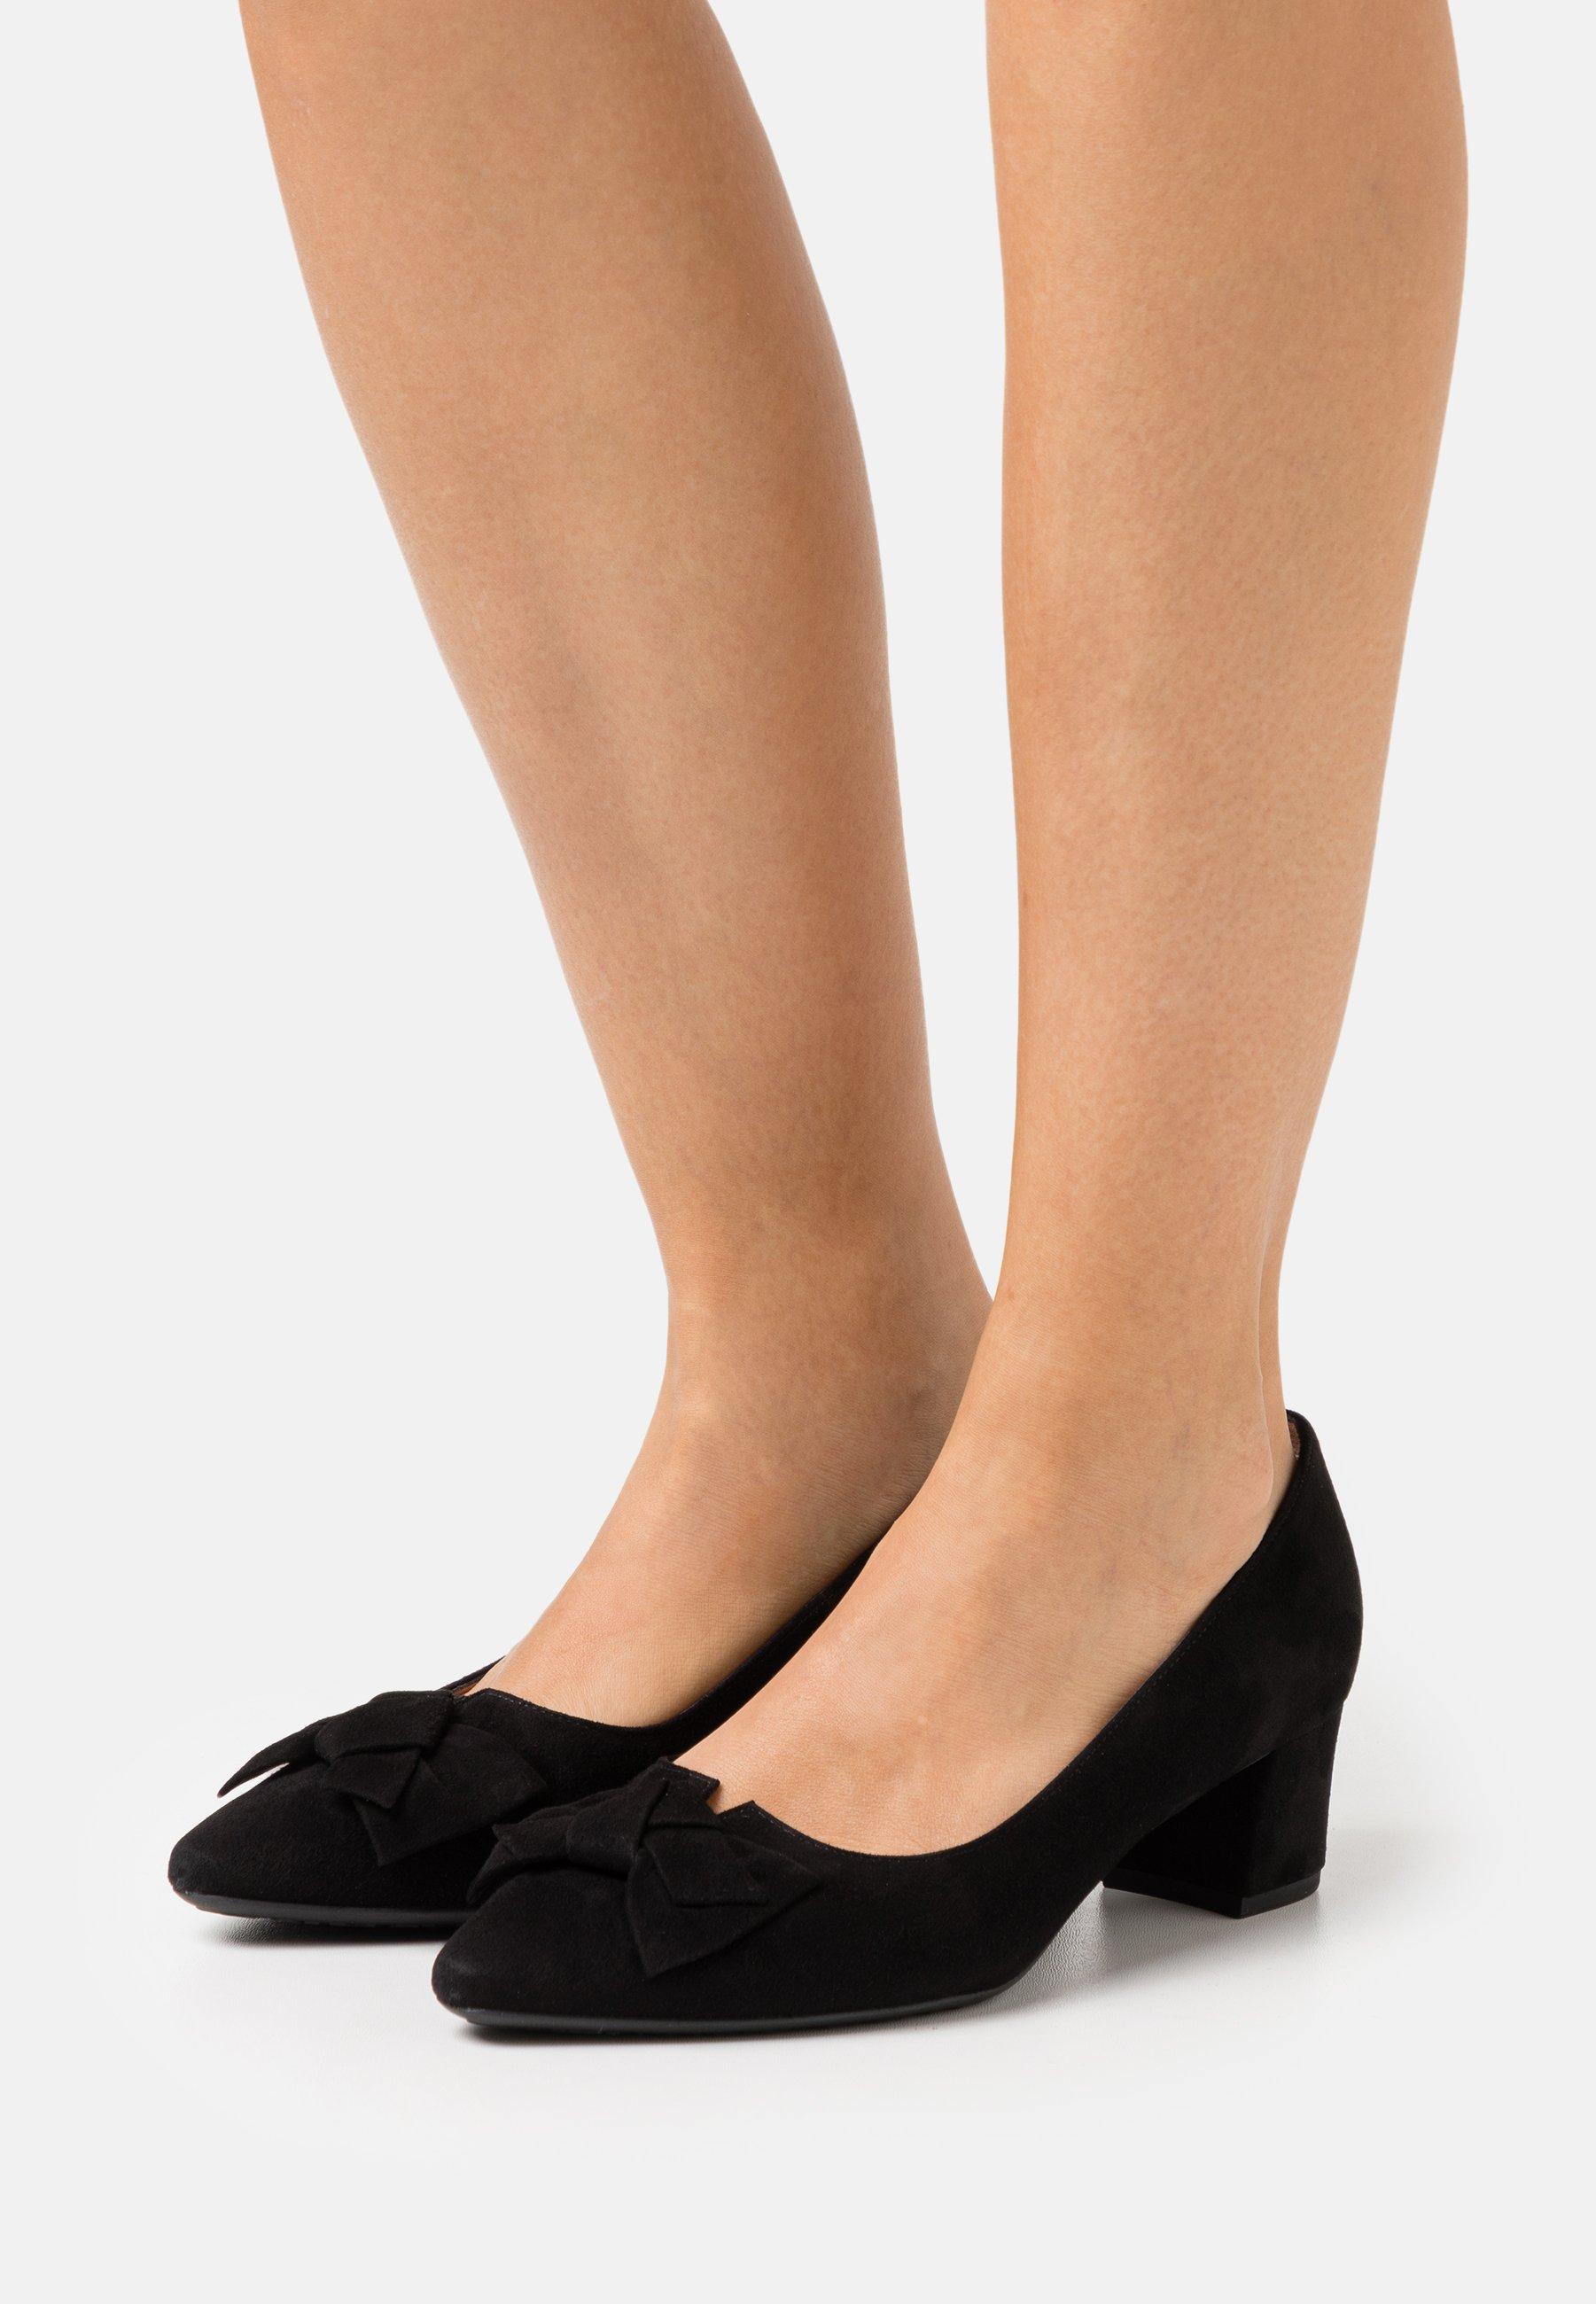 Women BLIA - Classic heels - schwarz